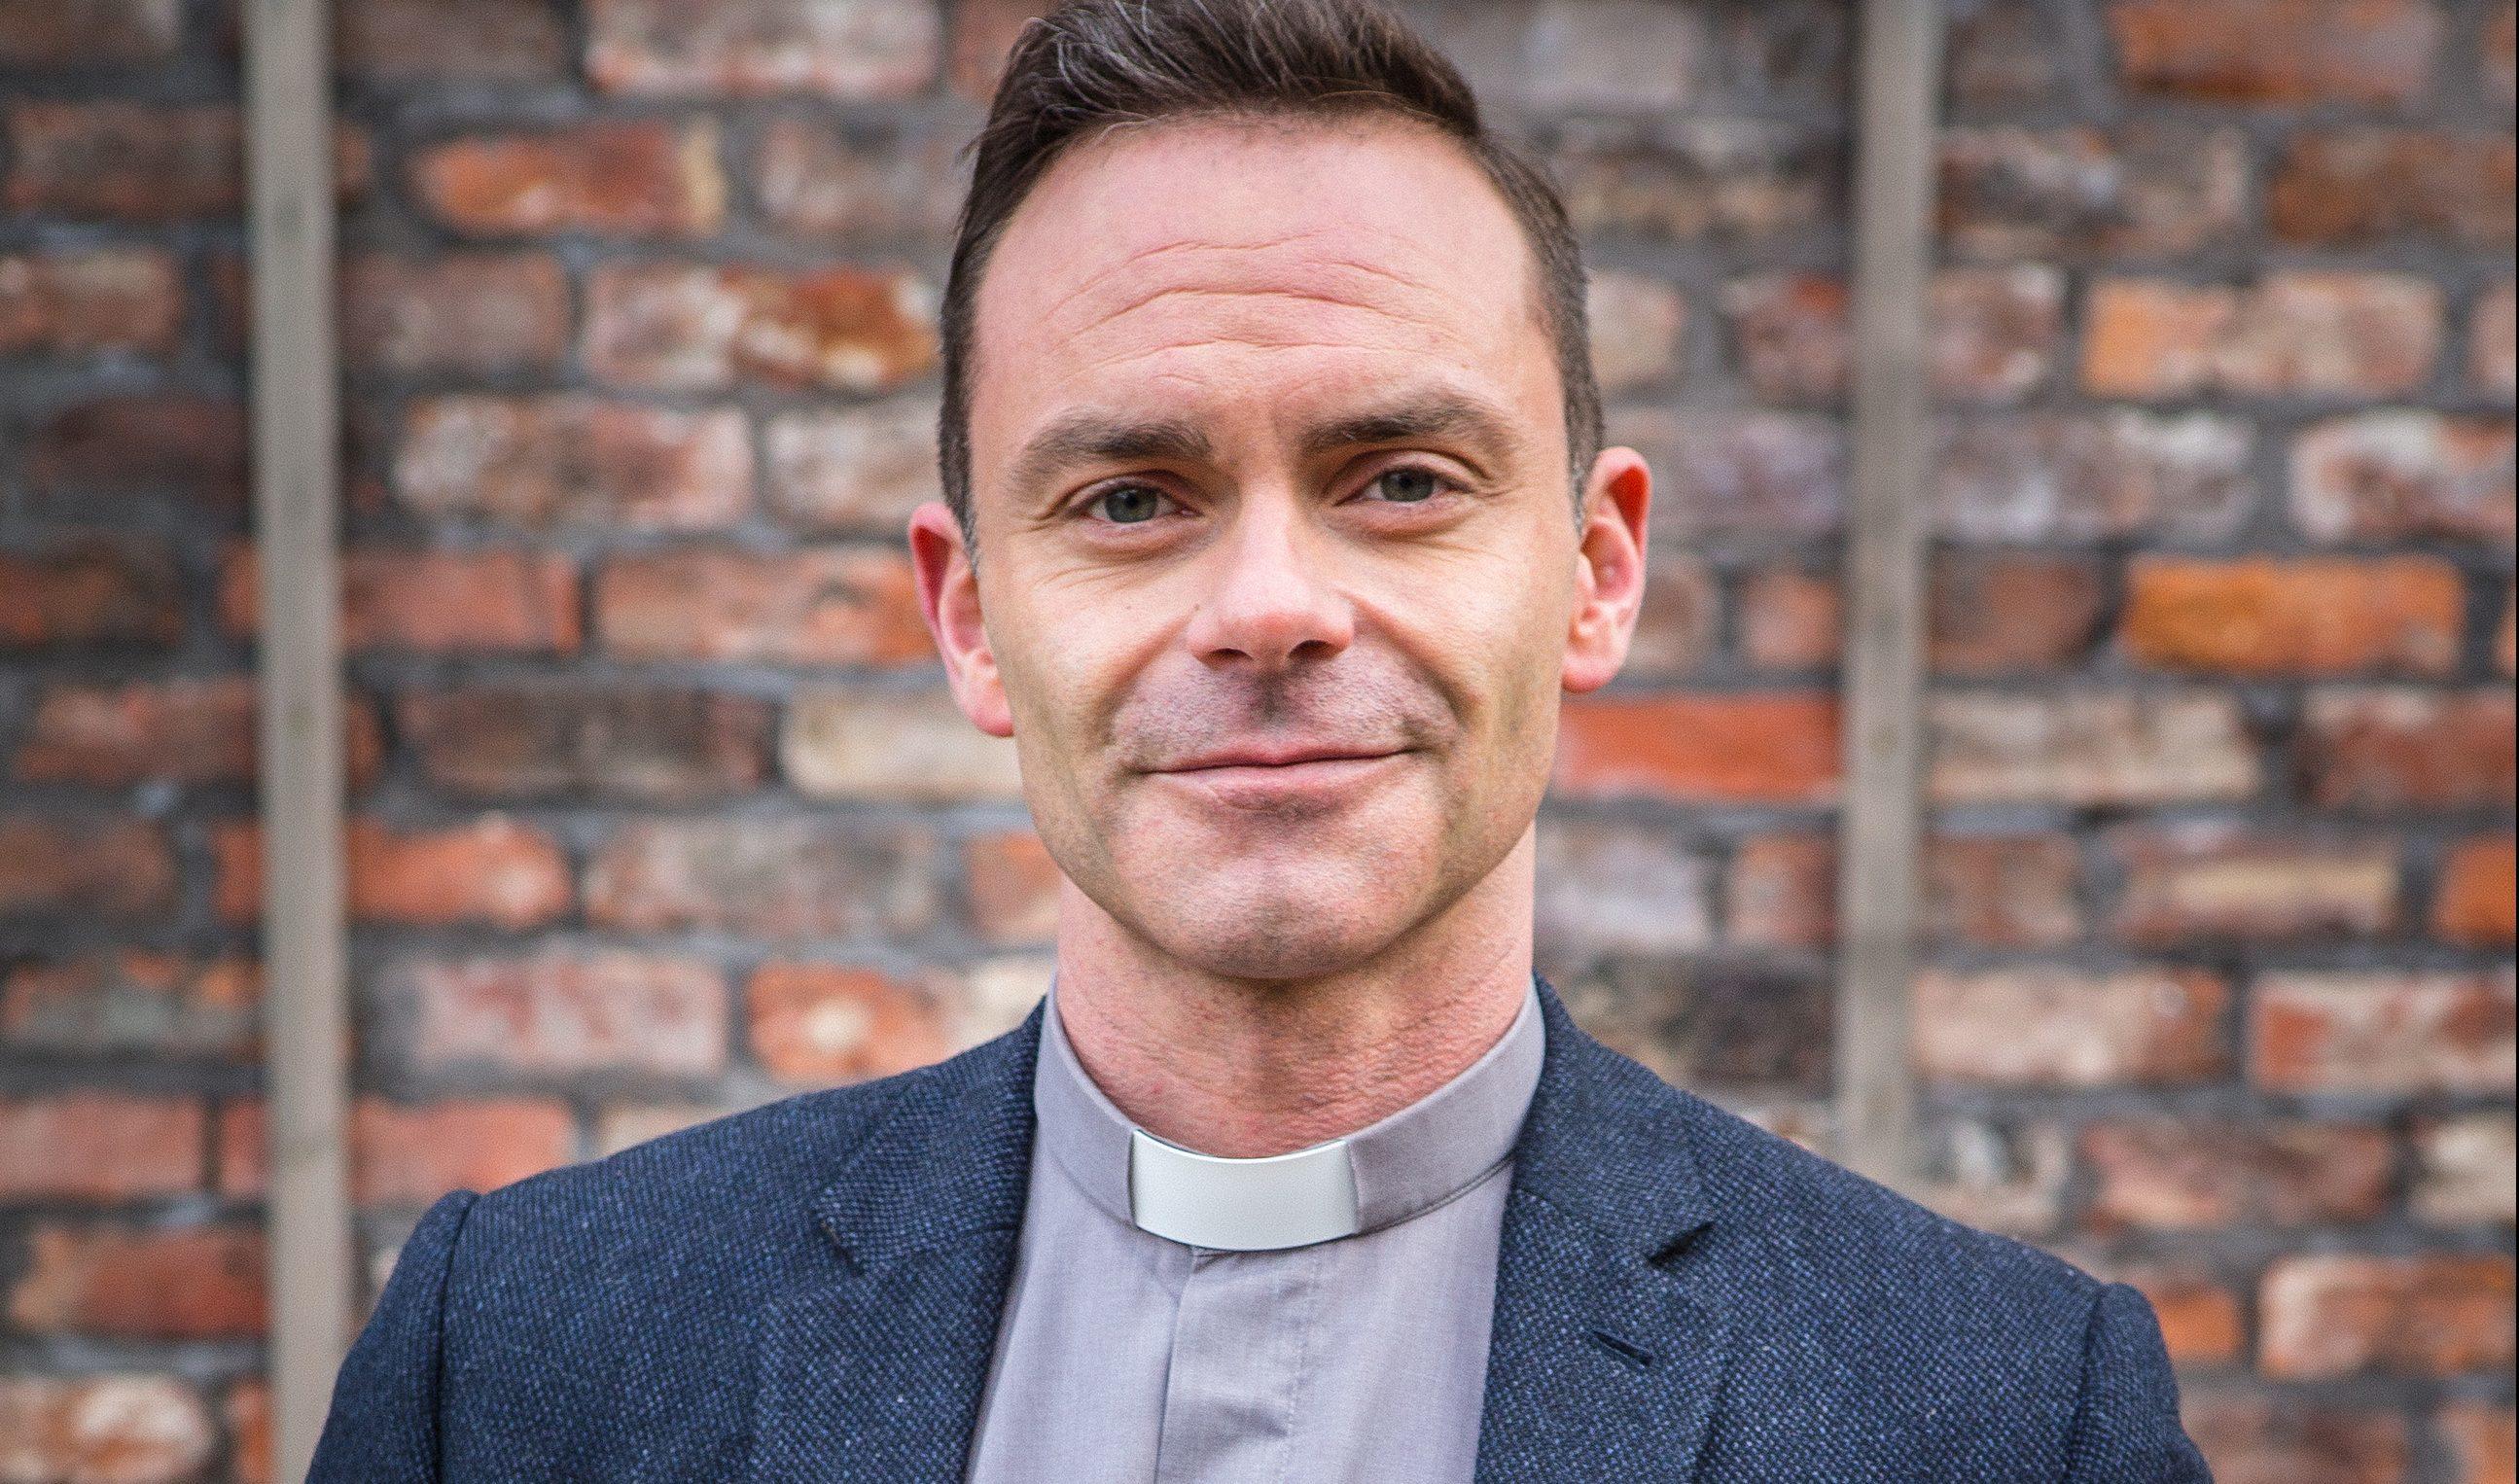 Daniel Brocklebank (ITV)